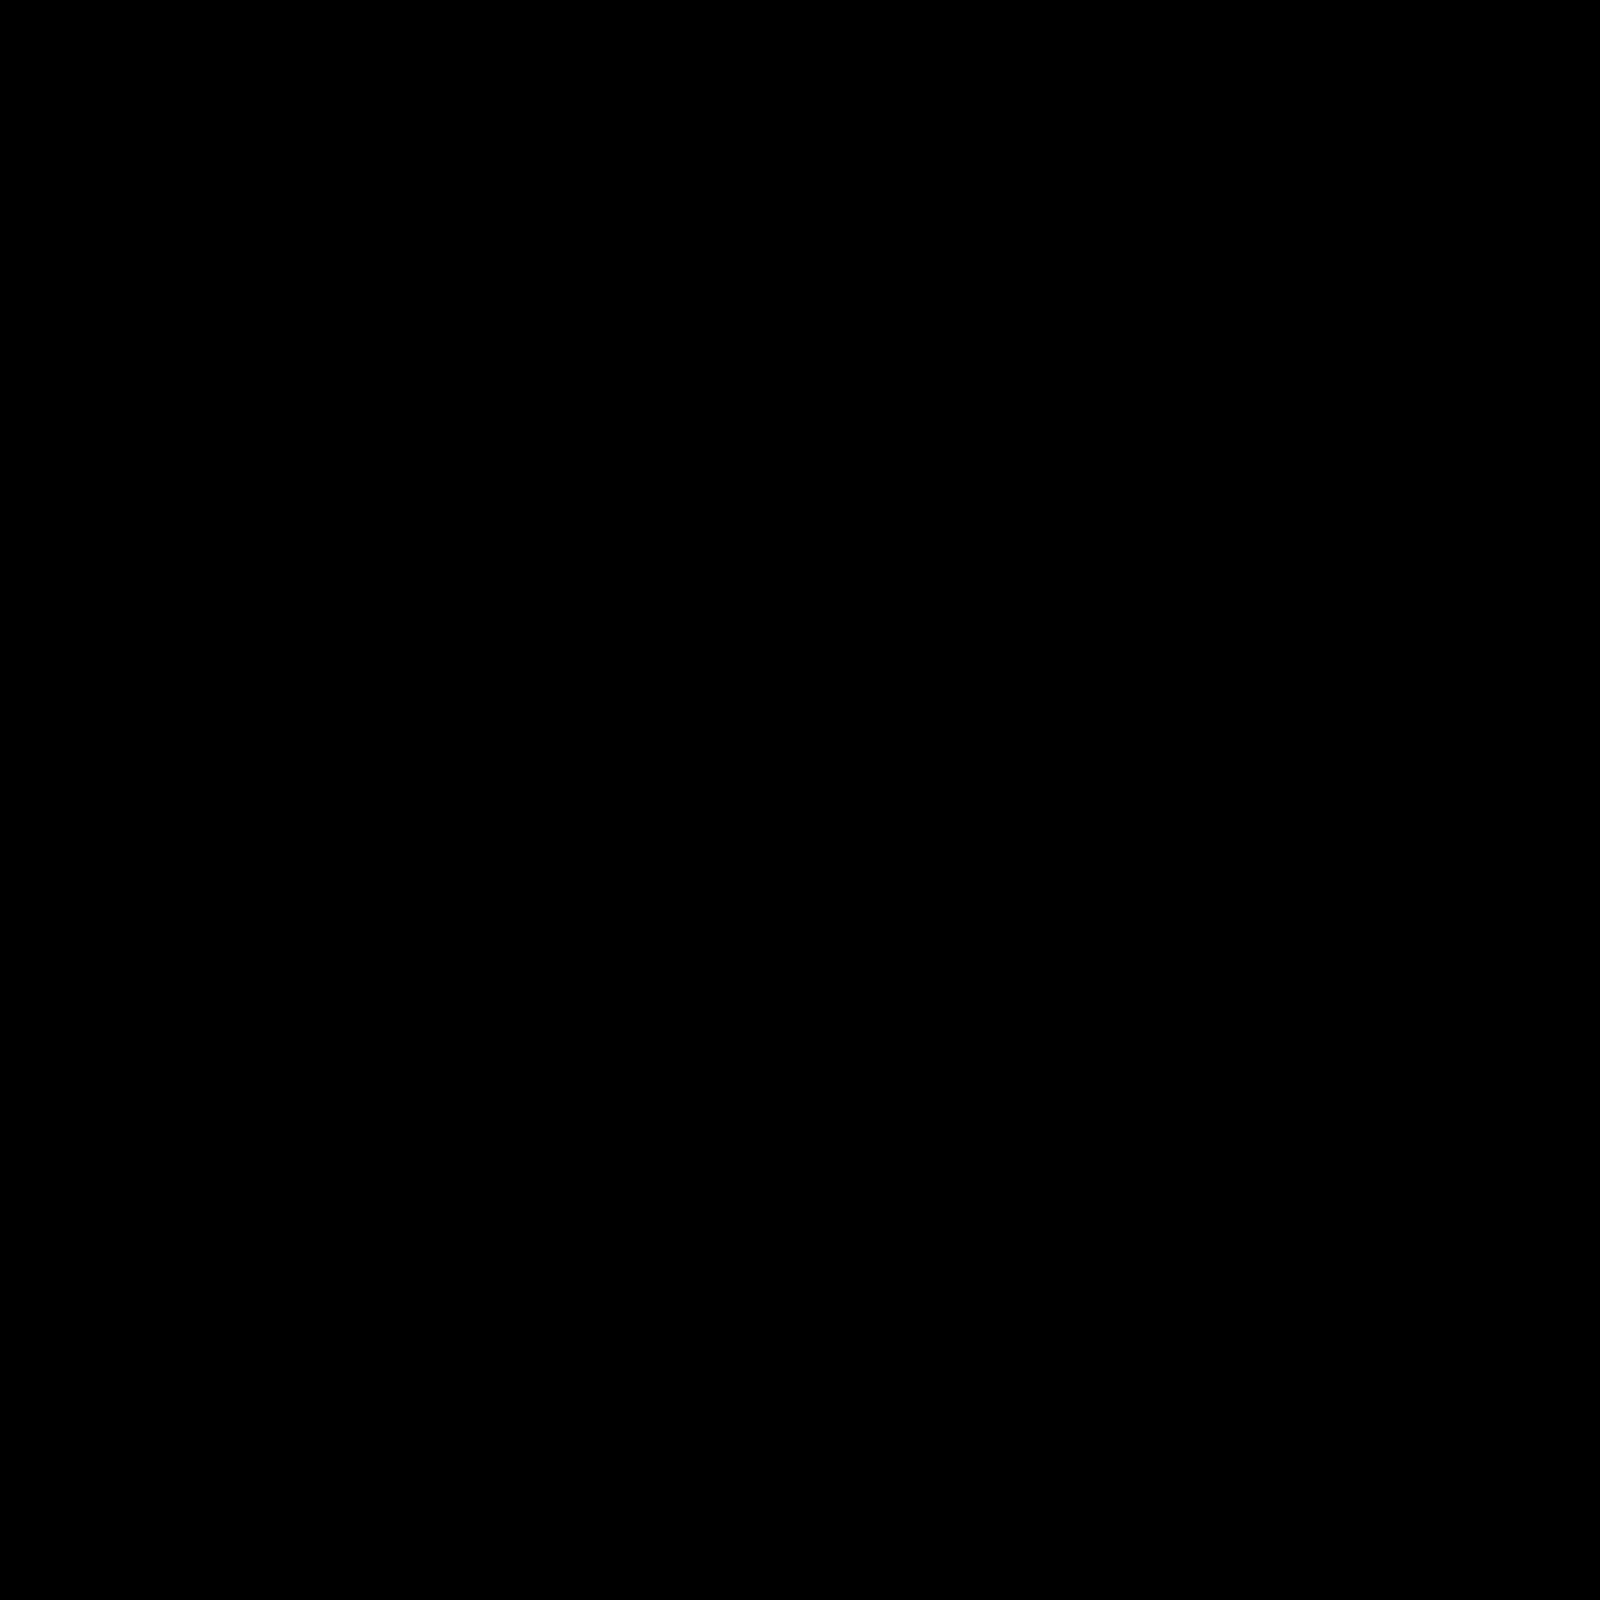 イメージを消去する icon